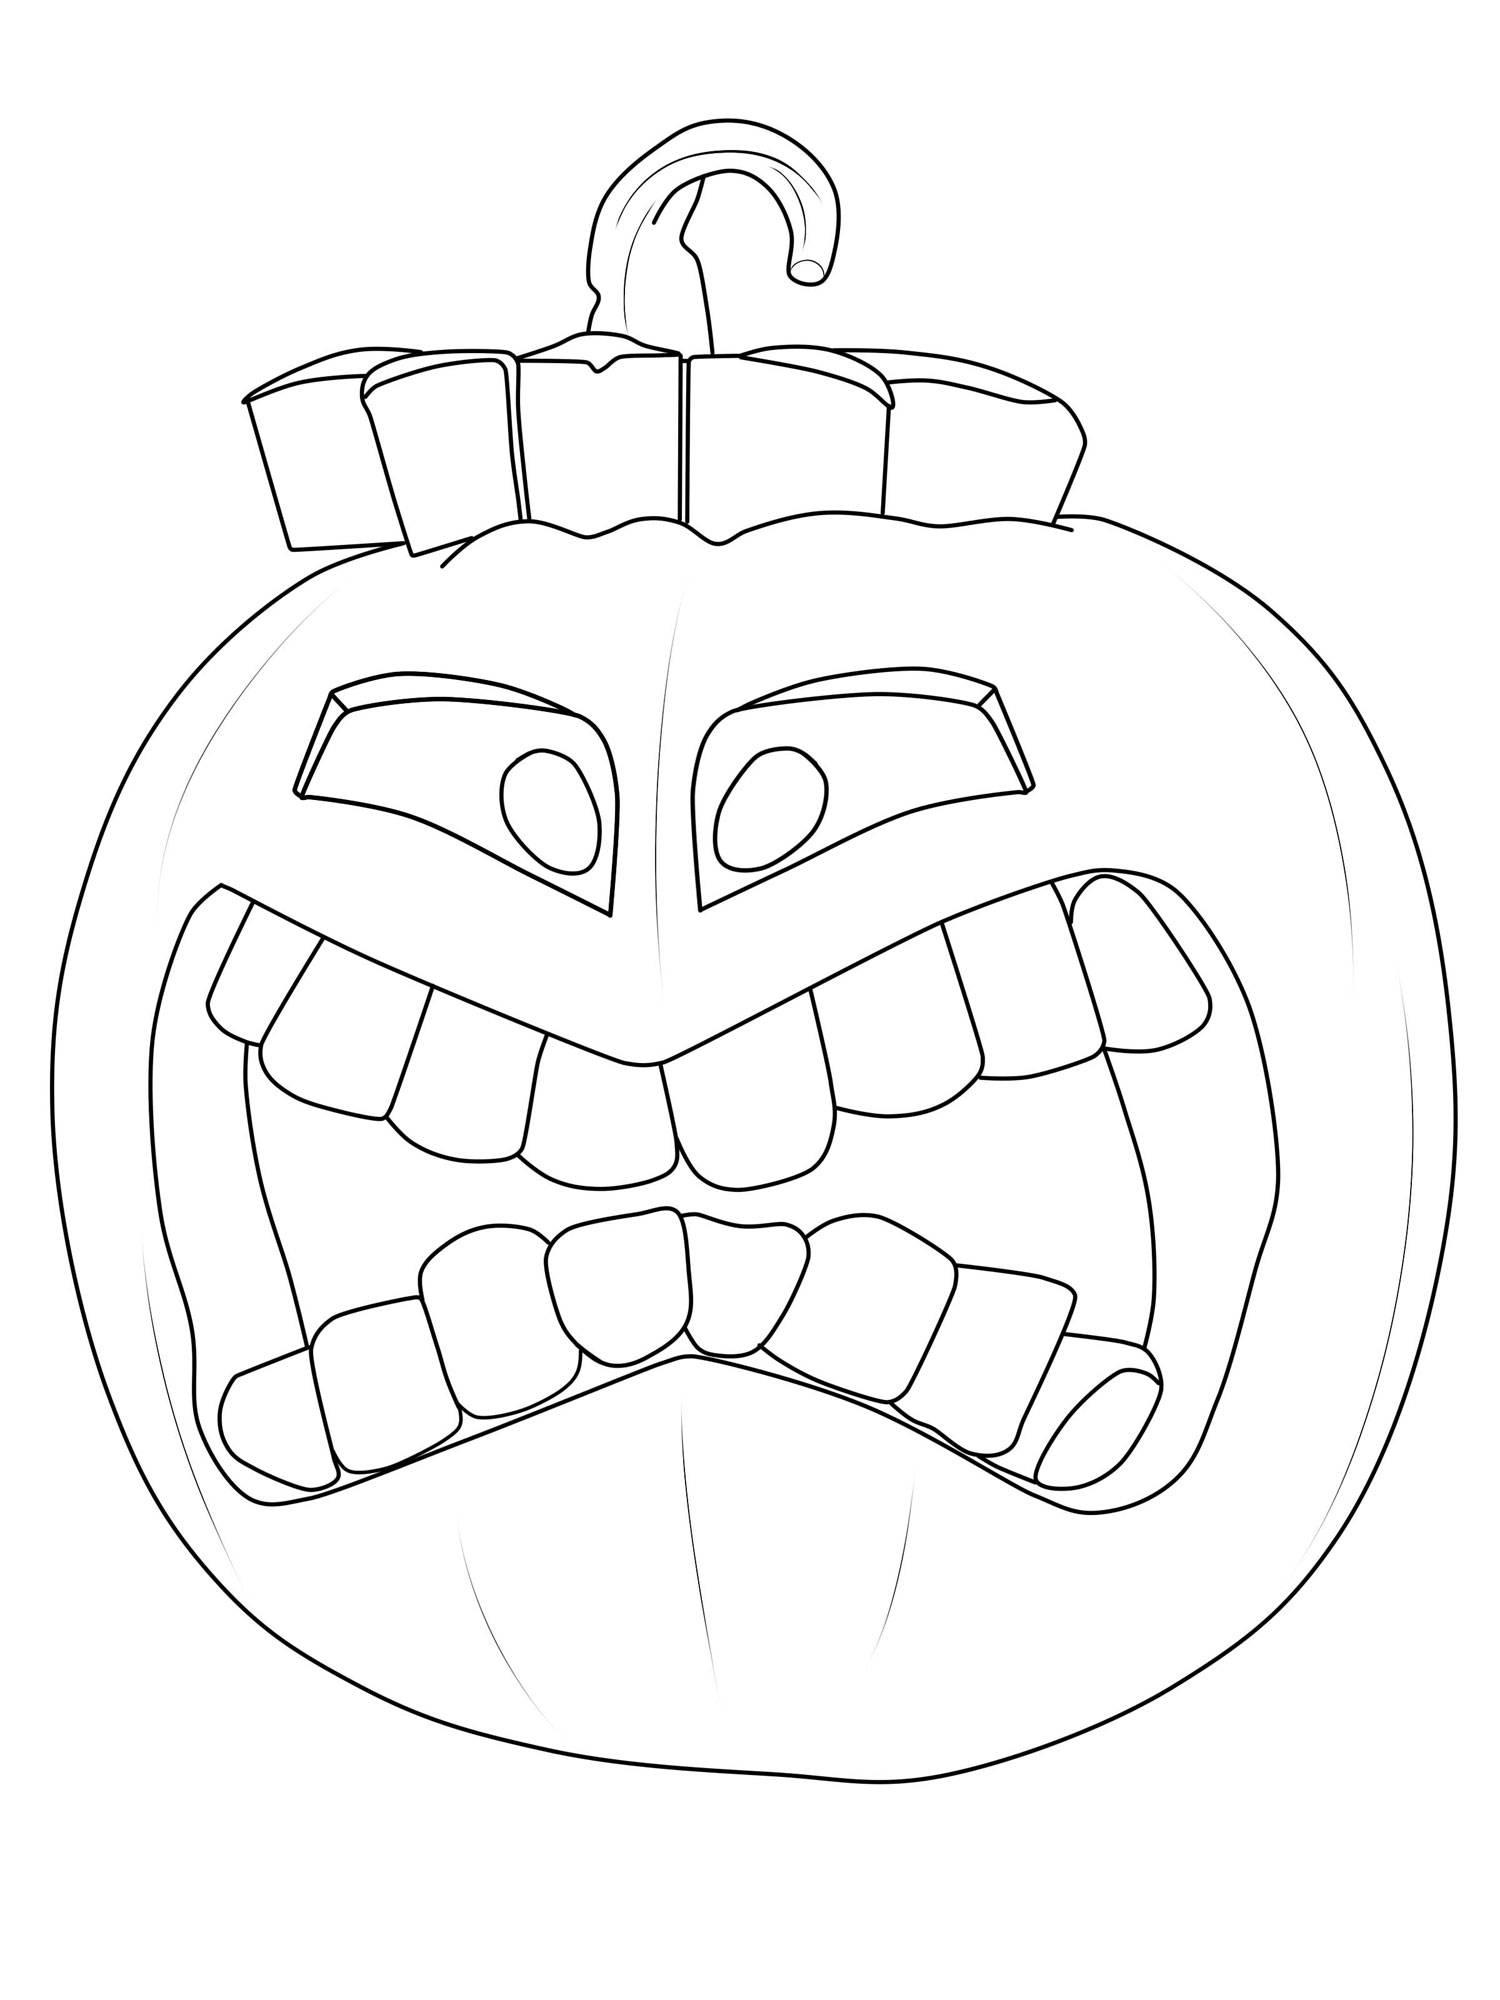 Kostenlose Malvorlage Halloween: Kürbis-Fratze ausmalen zum Ausmalen